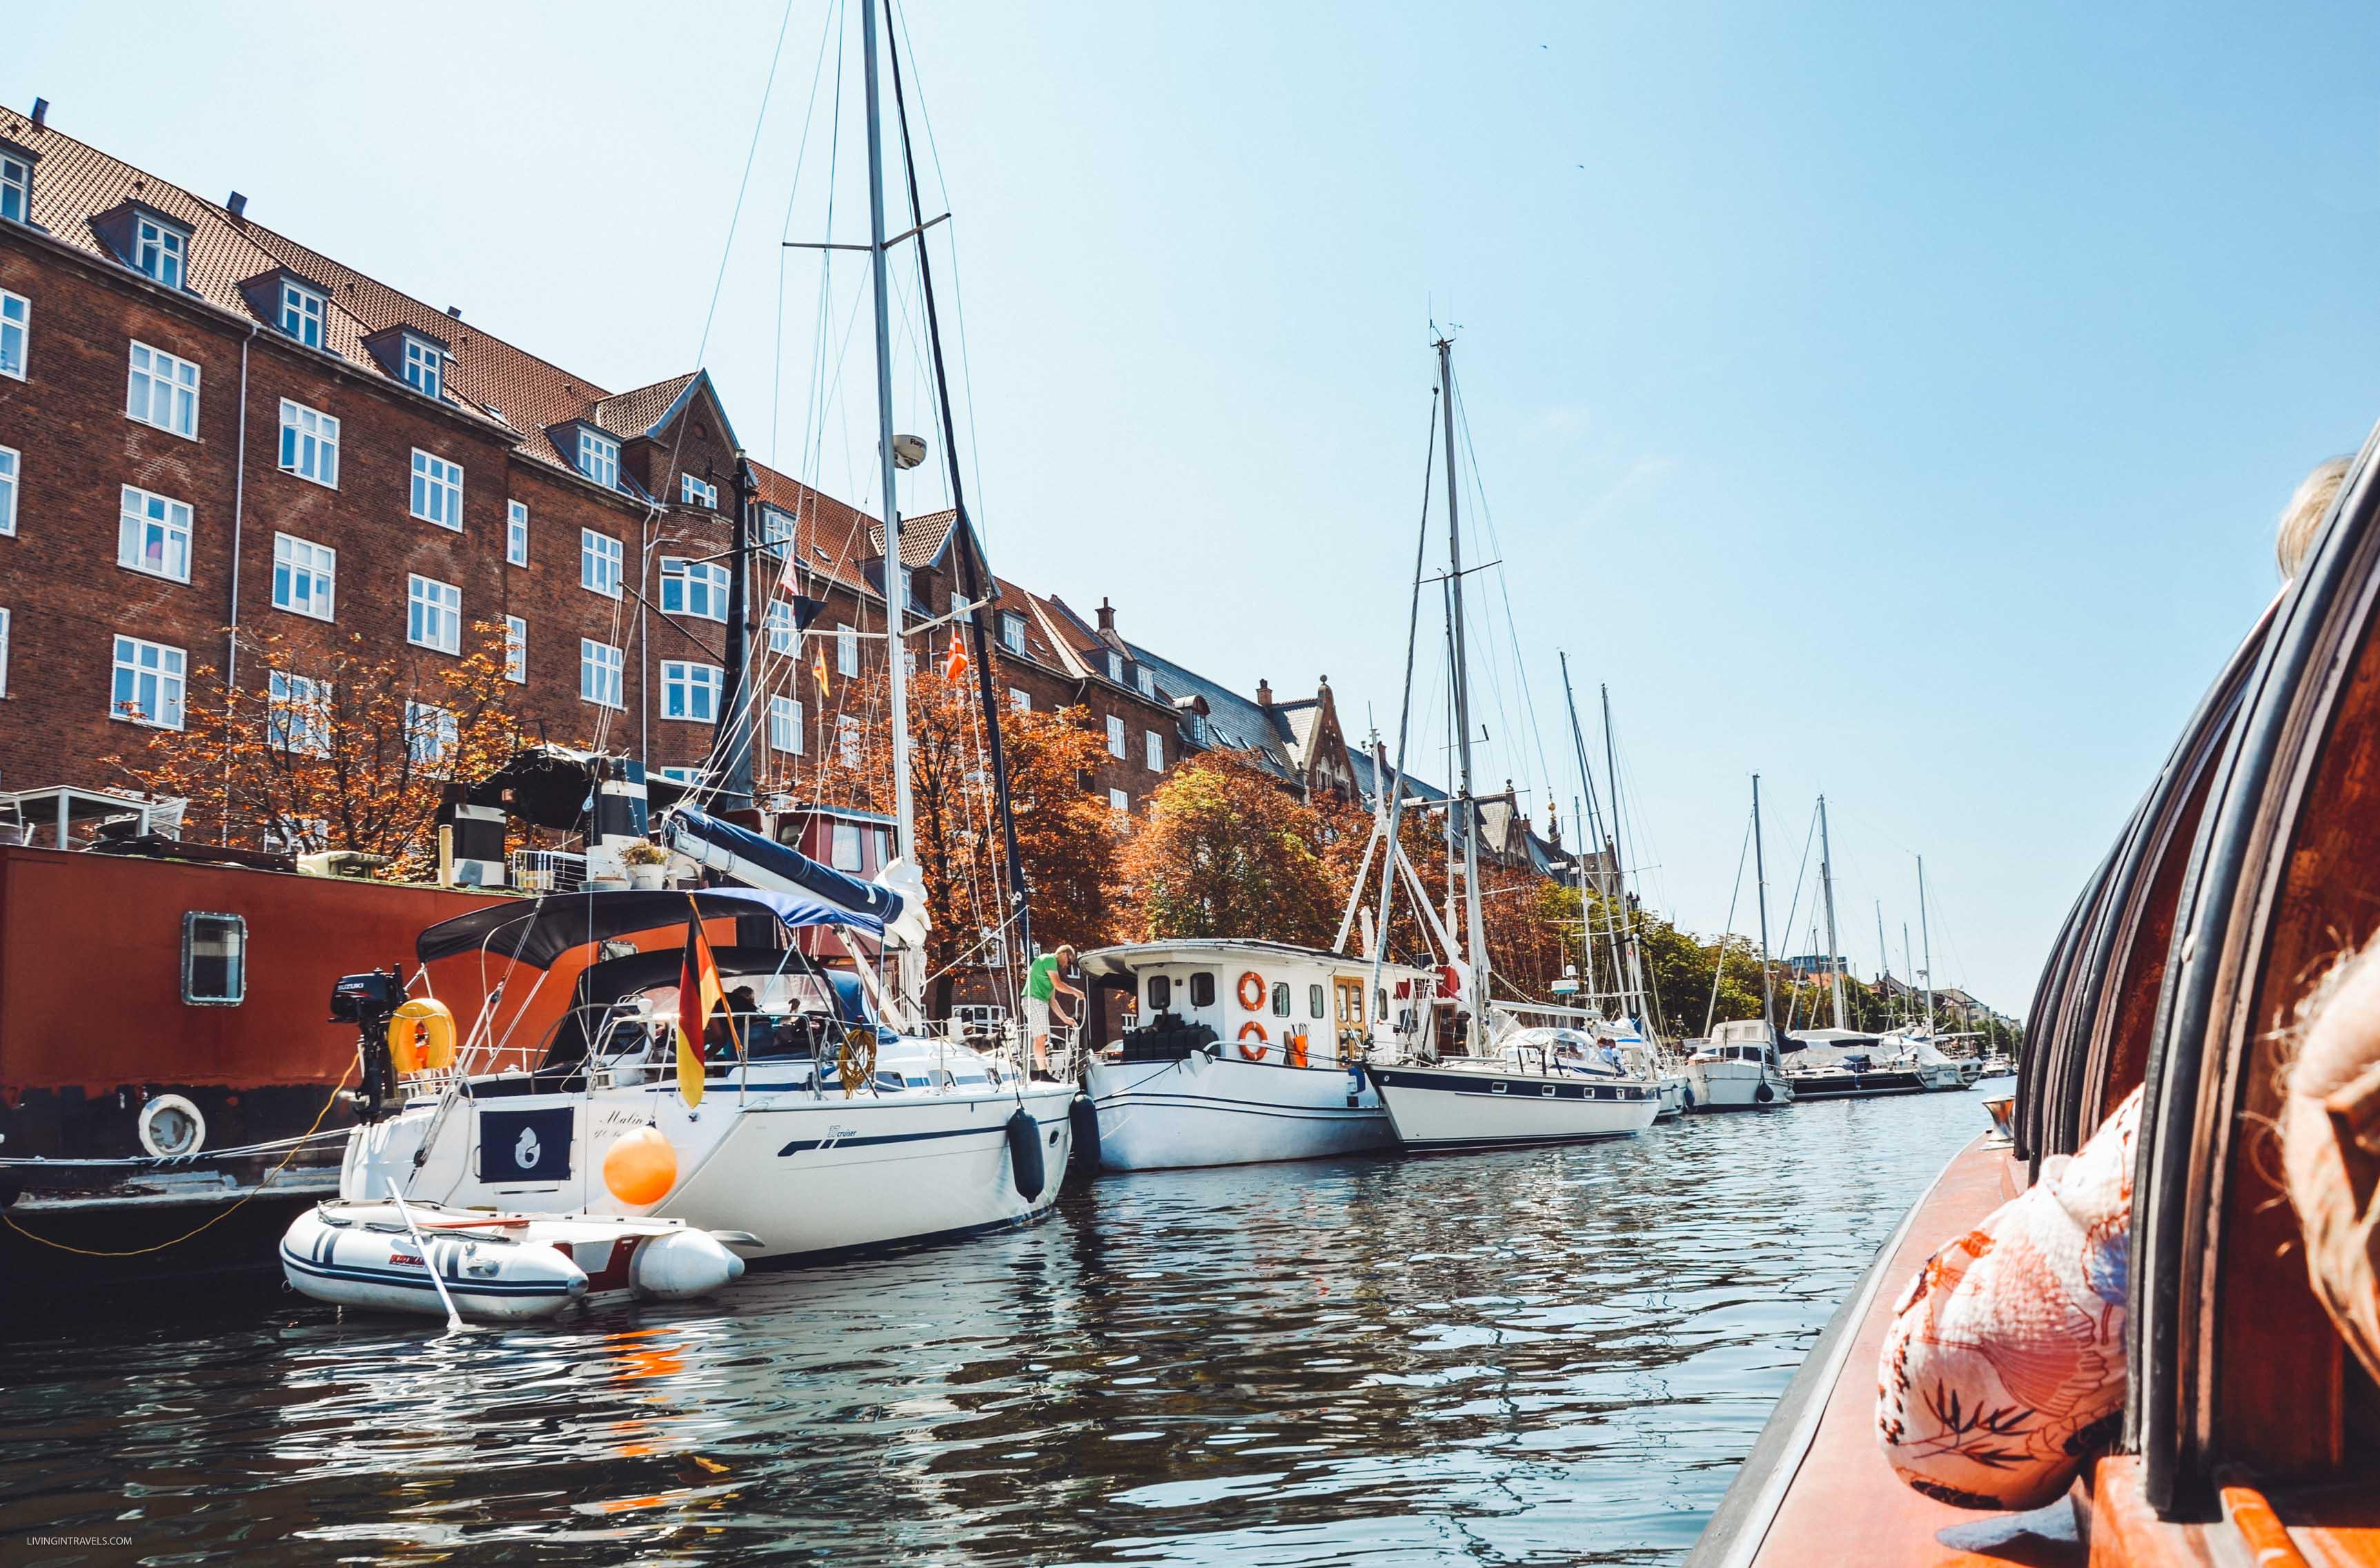 Дания: увидеть Копенгаген за 48 часов (и сэкономить)